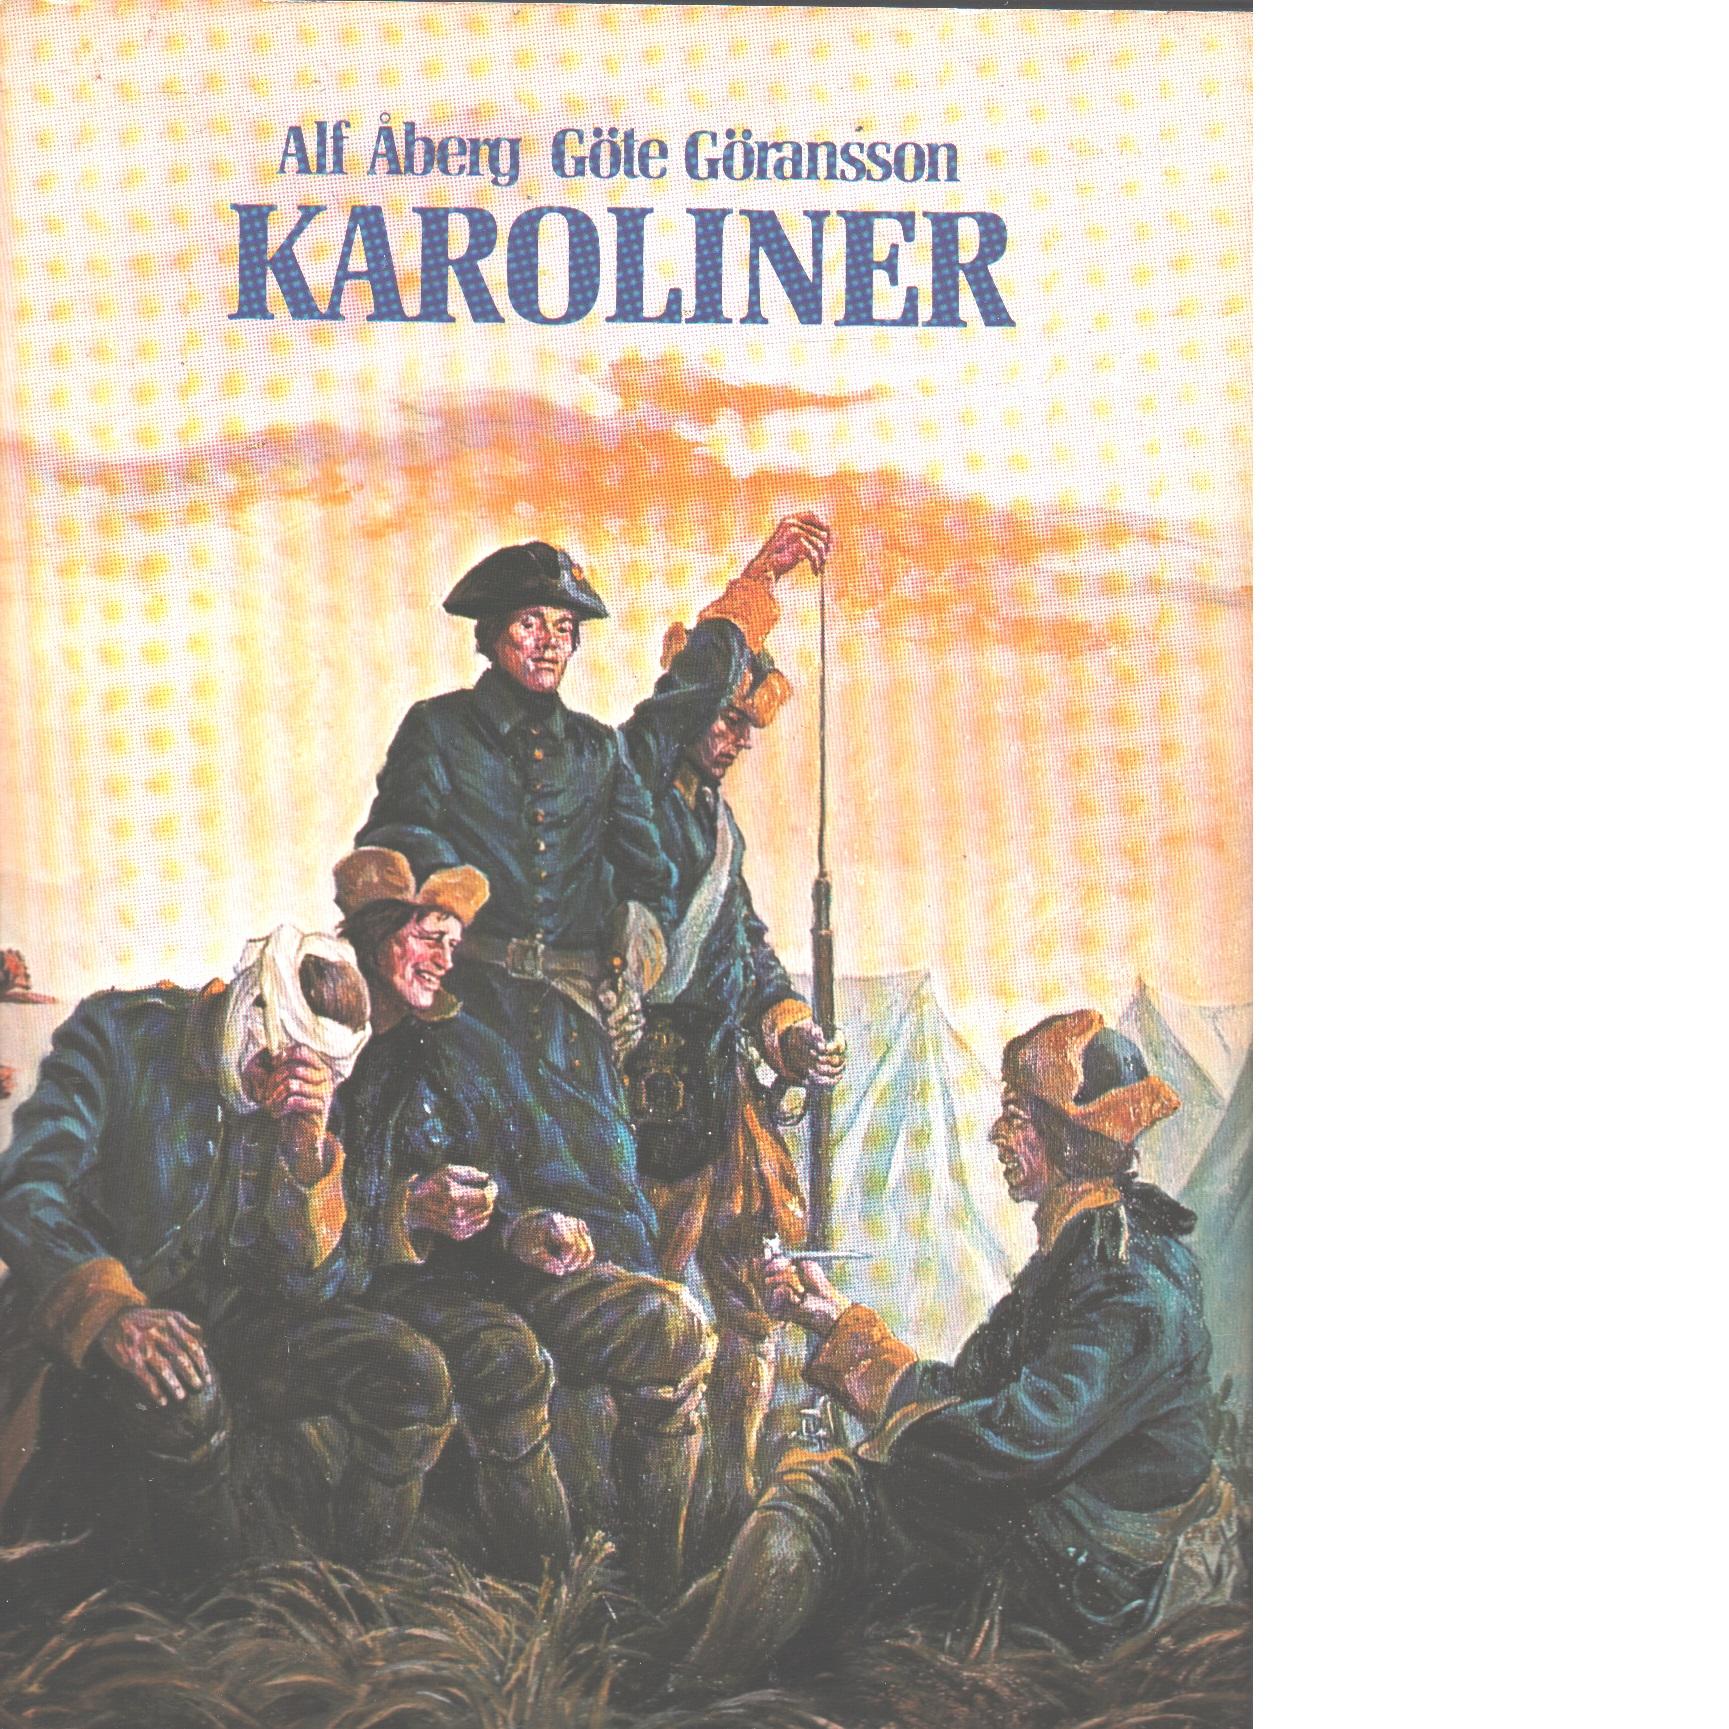 Karoliner - Åberg, Alf Och Göransson, Göte